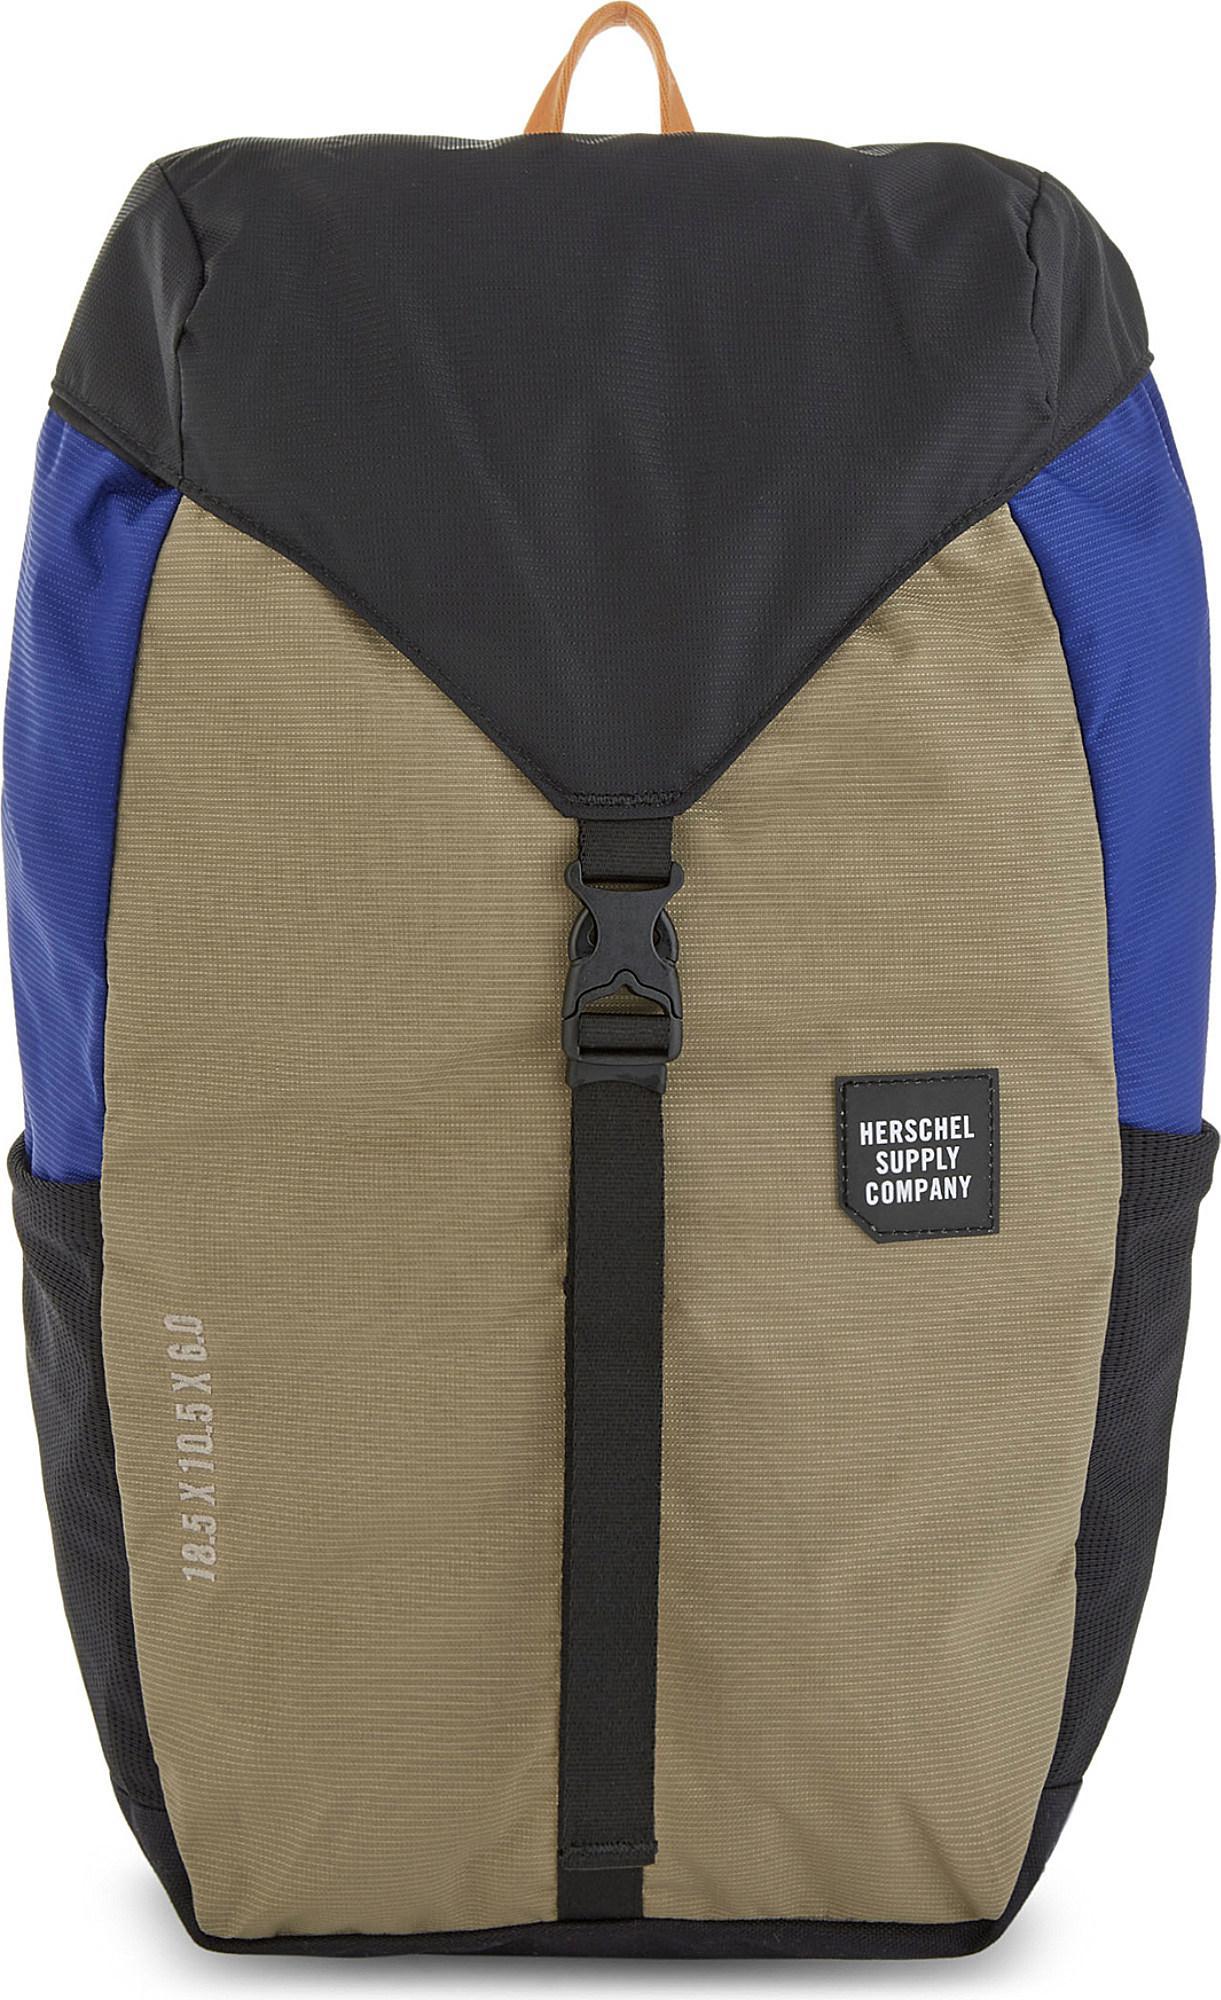 a28b1ec8118 Lyst - Herschel Supply Co. Barlow Backpack in Green for Men